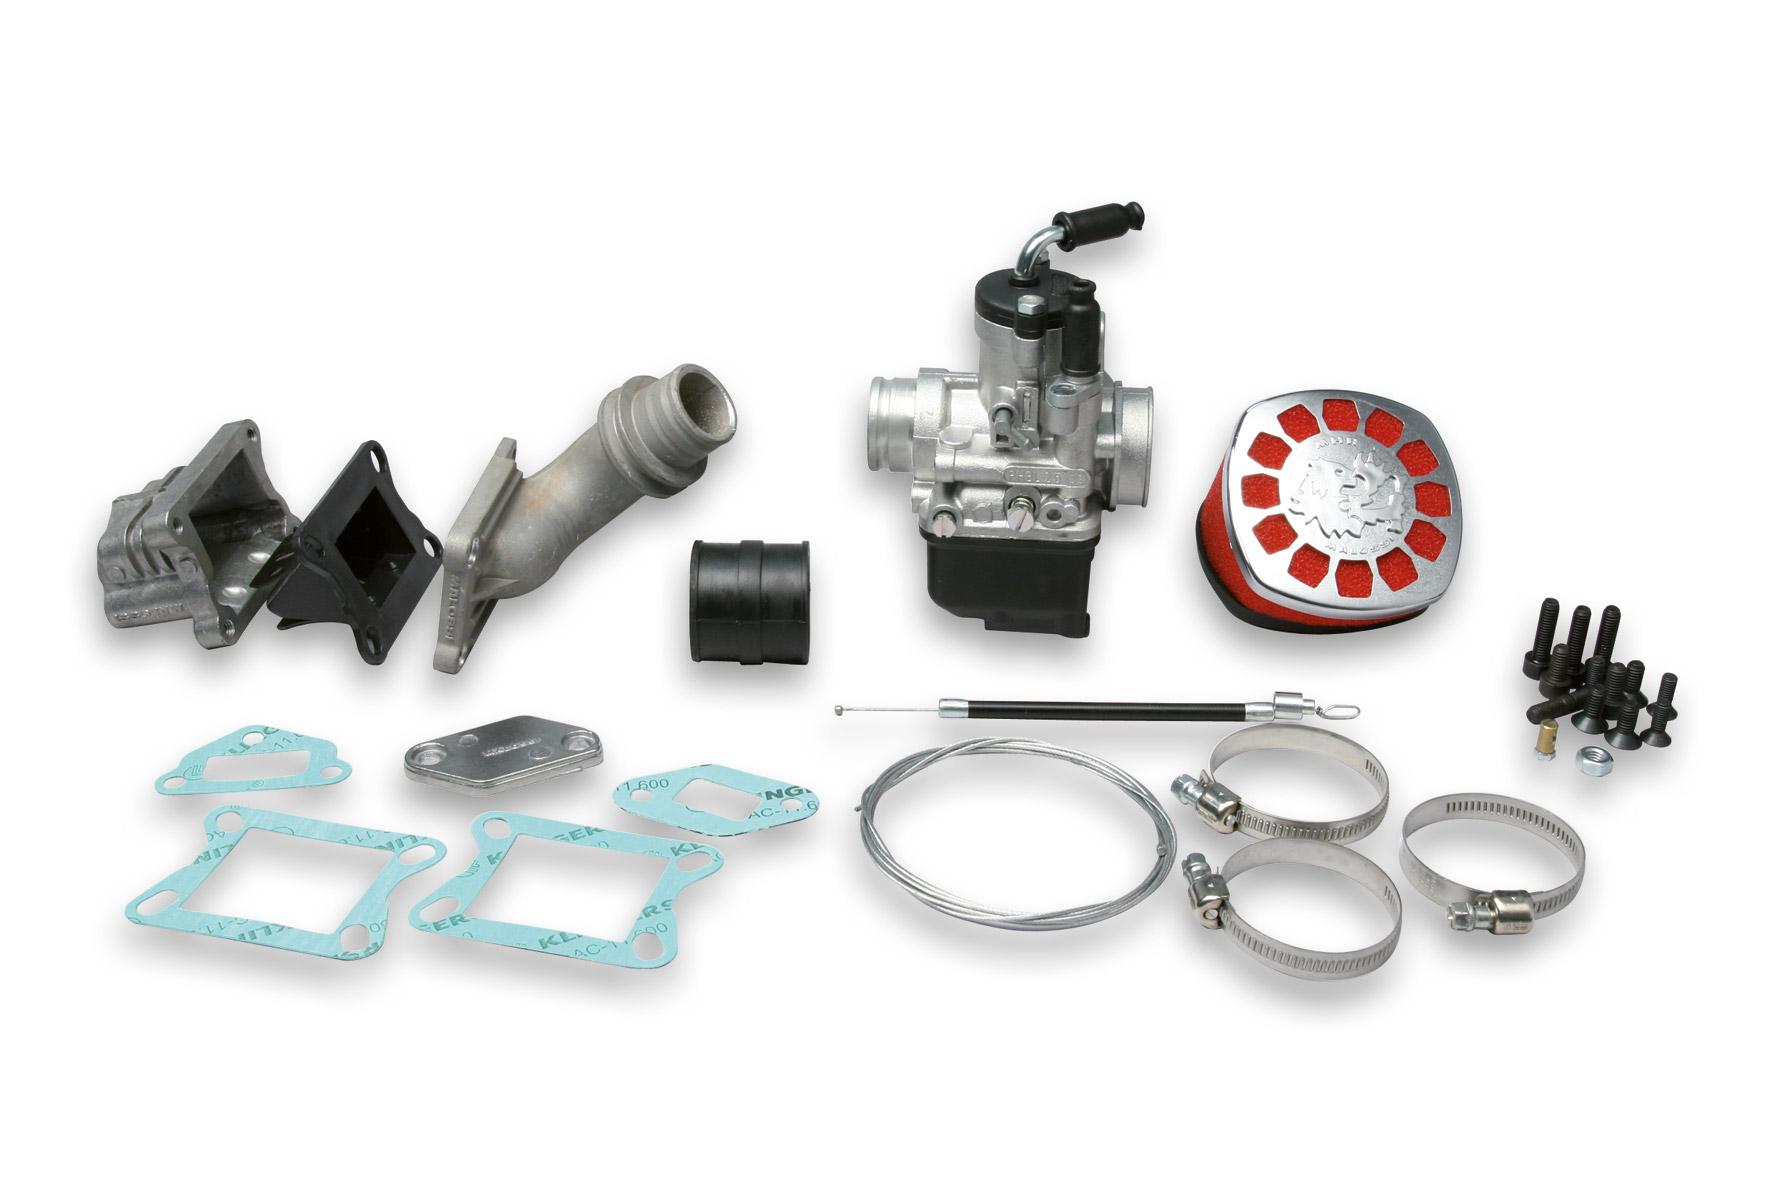 Impianto alimentazione PHBL 25 B lamellare al cilindro per Vespa Special 50 cc